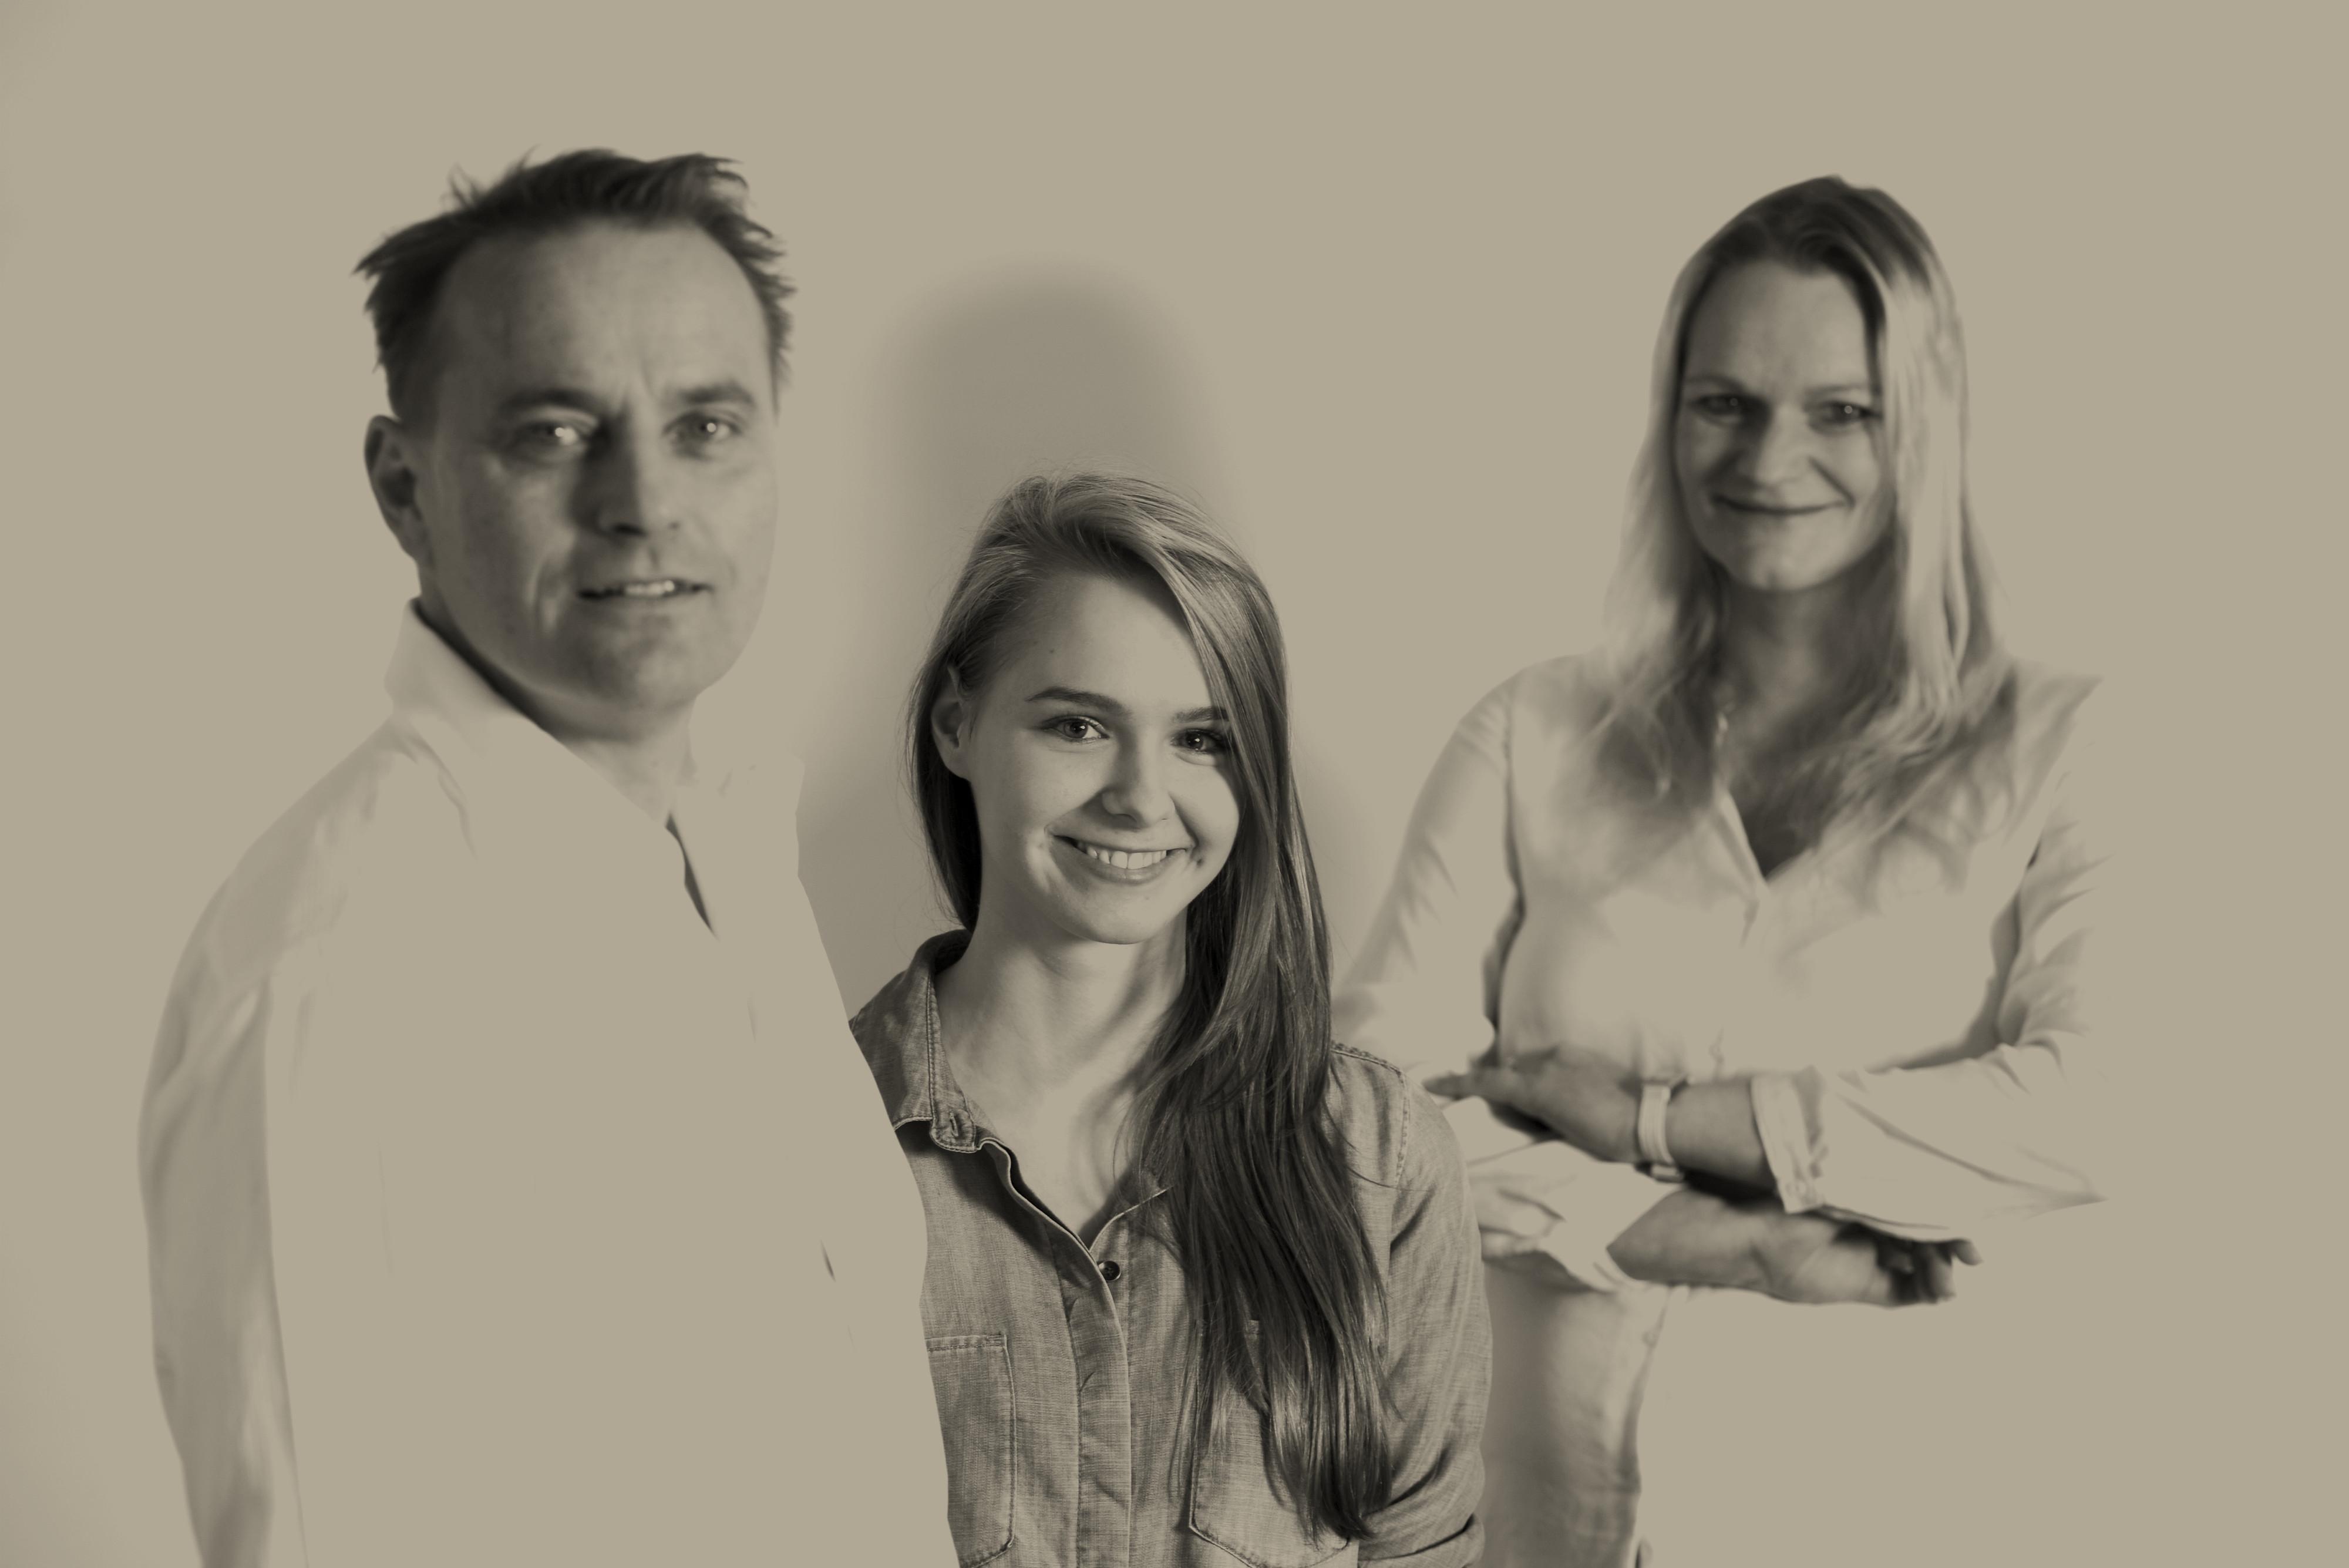 Konzept Team, Christof Haberlandt, Anja Höhn, Michaela Özdemir